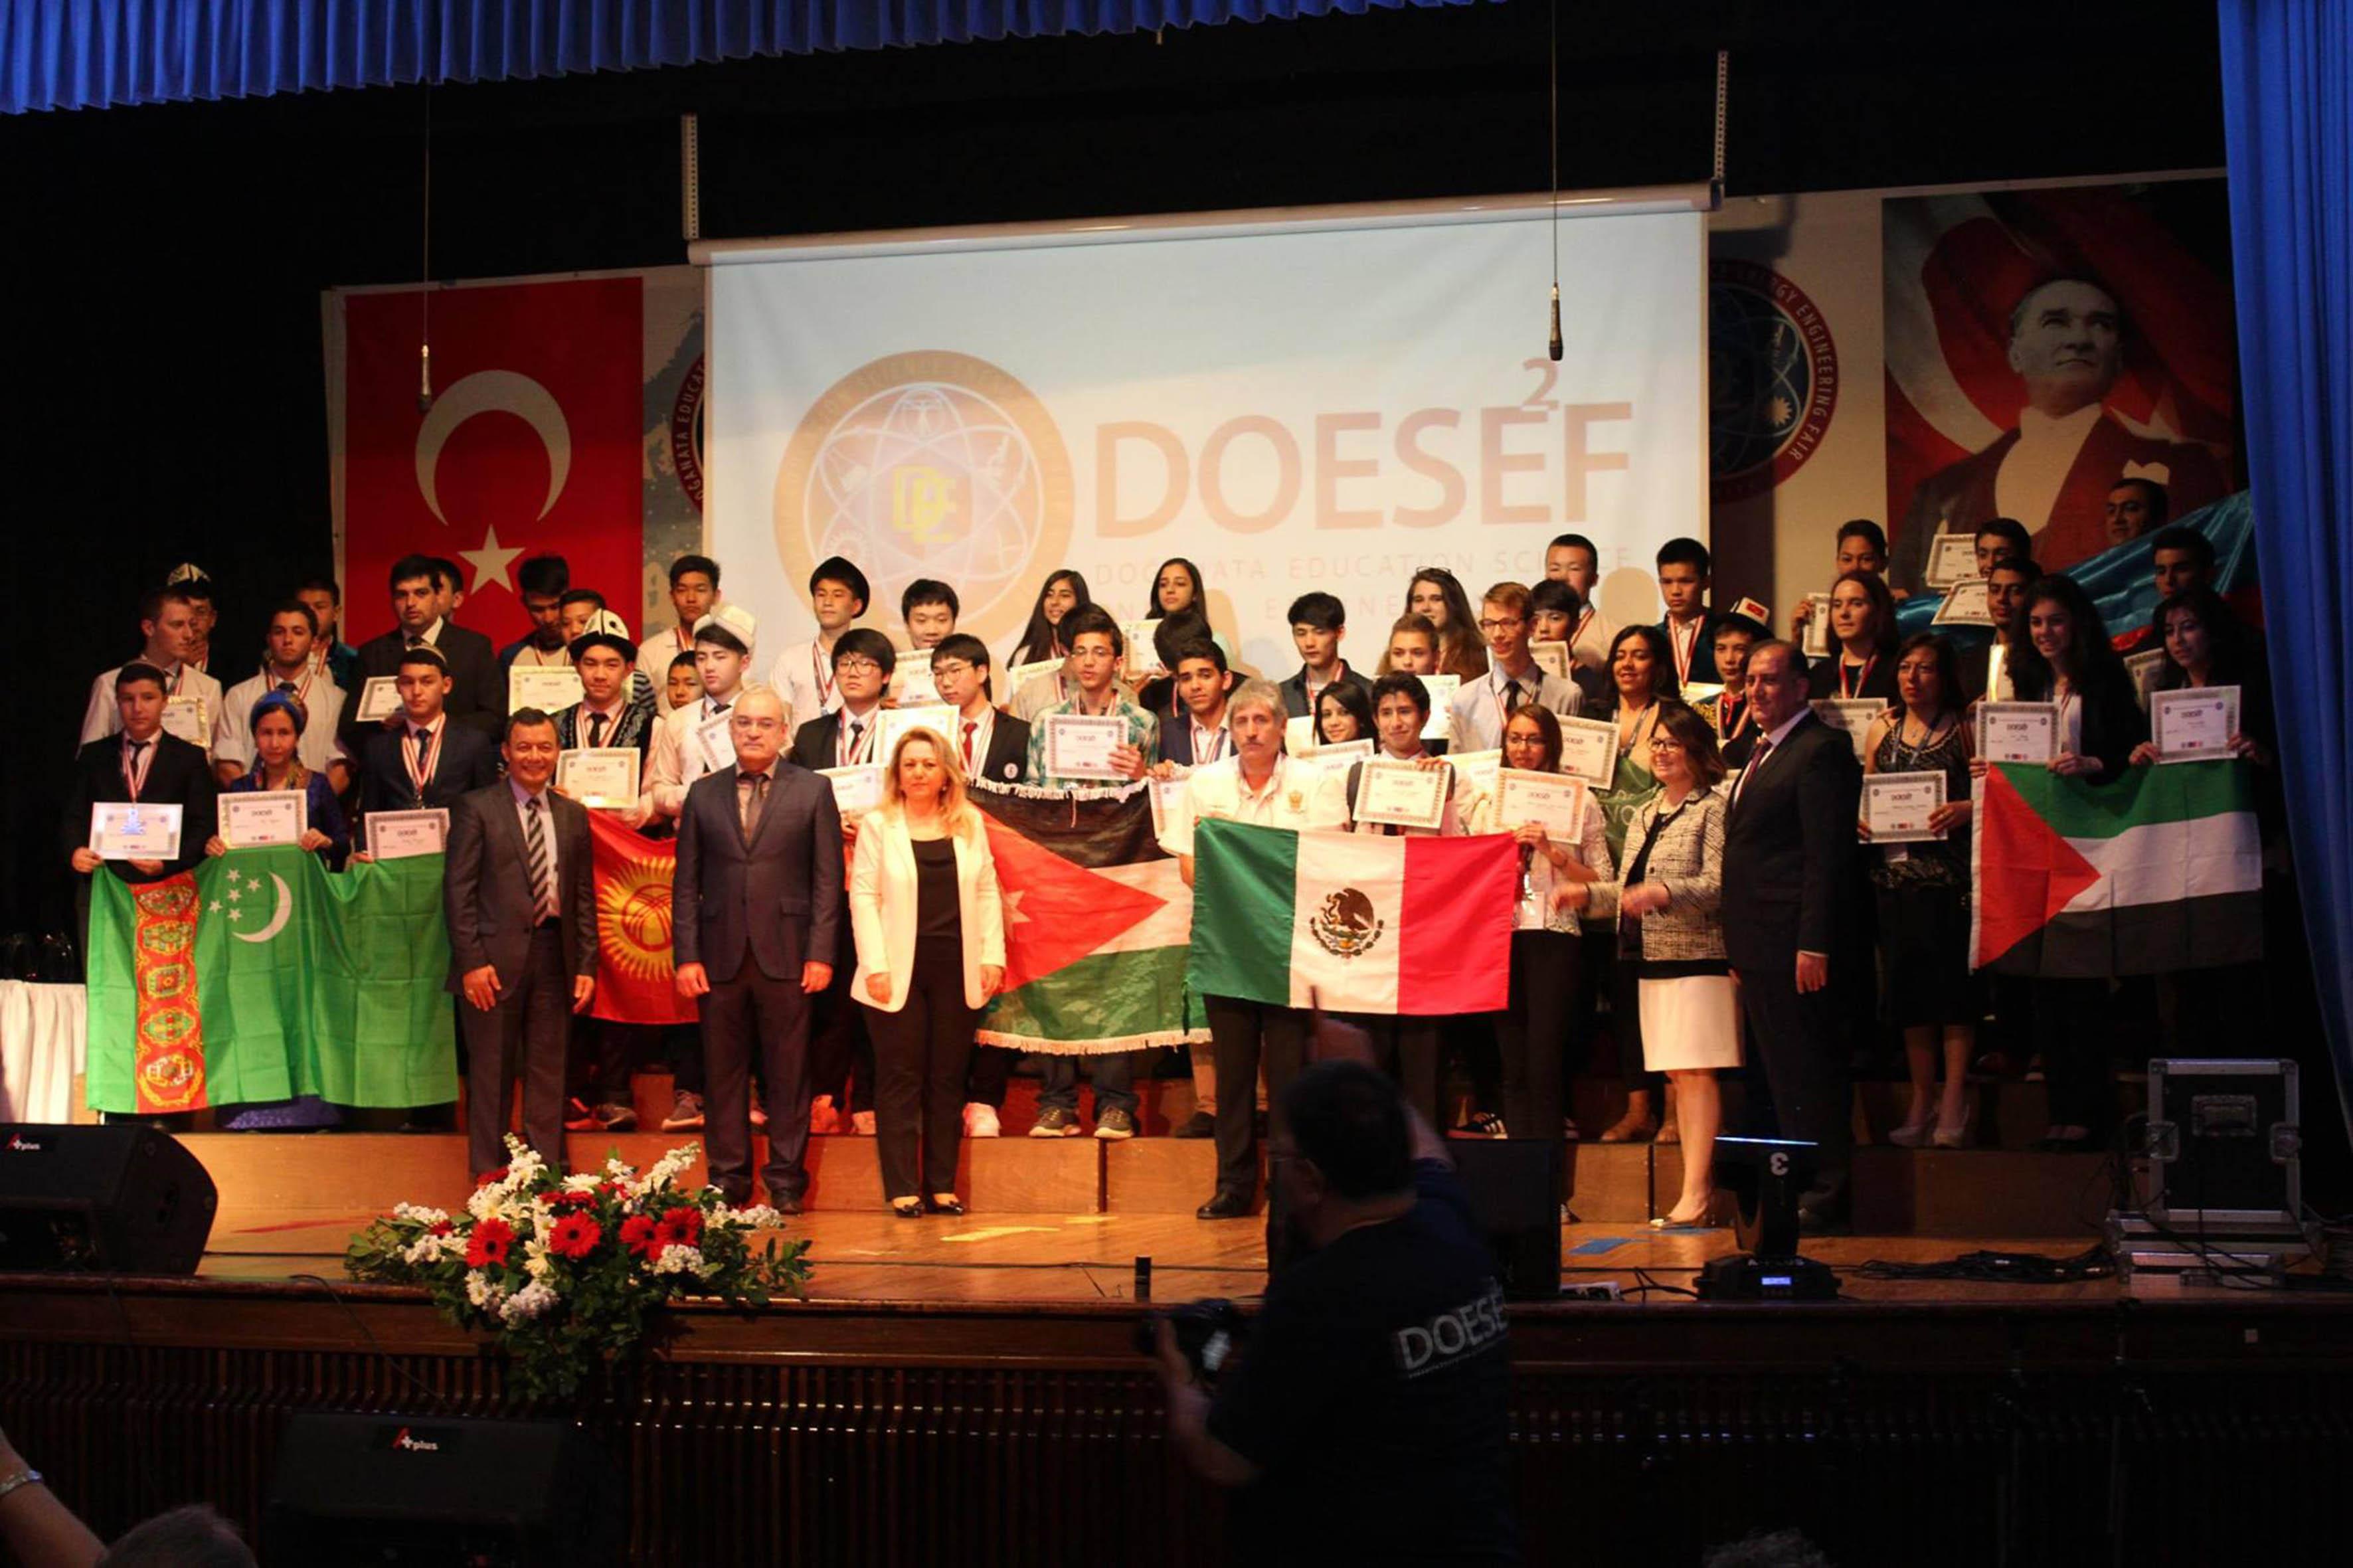 """Vista panorámica de los alumnos de todos los países participantes en la Feria Internacional de Ciencia """"Doğanata education science energy engineering fair"""", realizada en Izmir University, en Esmirna, Turquía; mostrando la bandera de su país y reconocimientos recibidos durante el evento."""